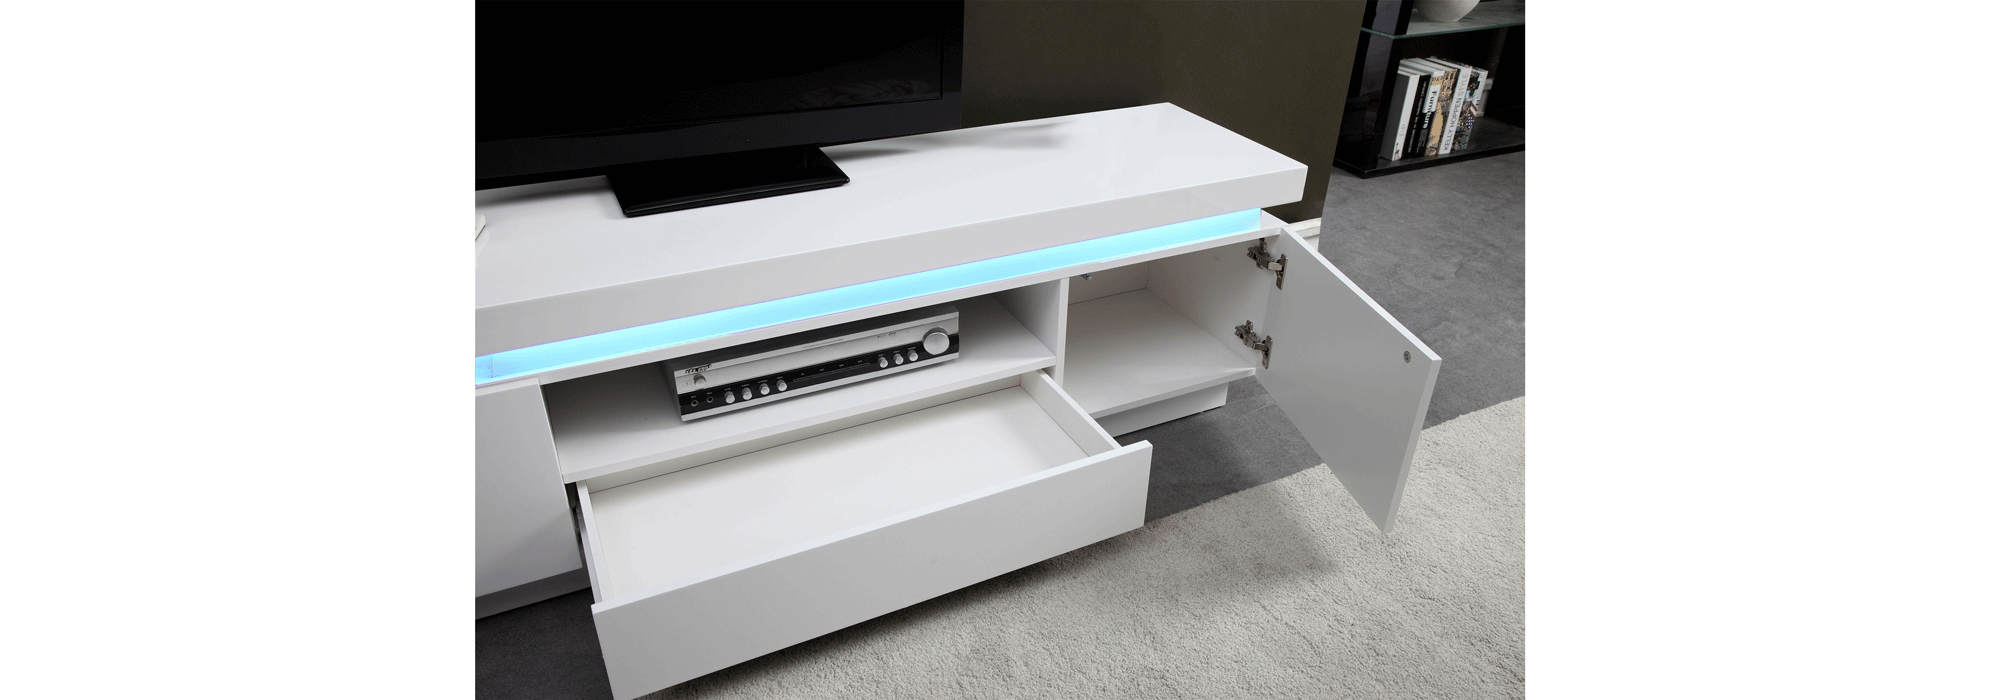 Comment Deplacer Un Meuble Lourd Sur Du Carrelage flash meuble tv avec led contemporain blanc laqué brillant